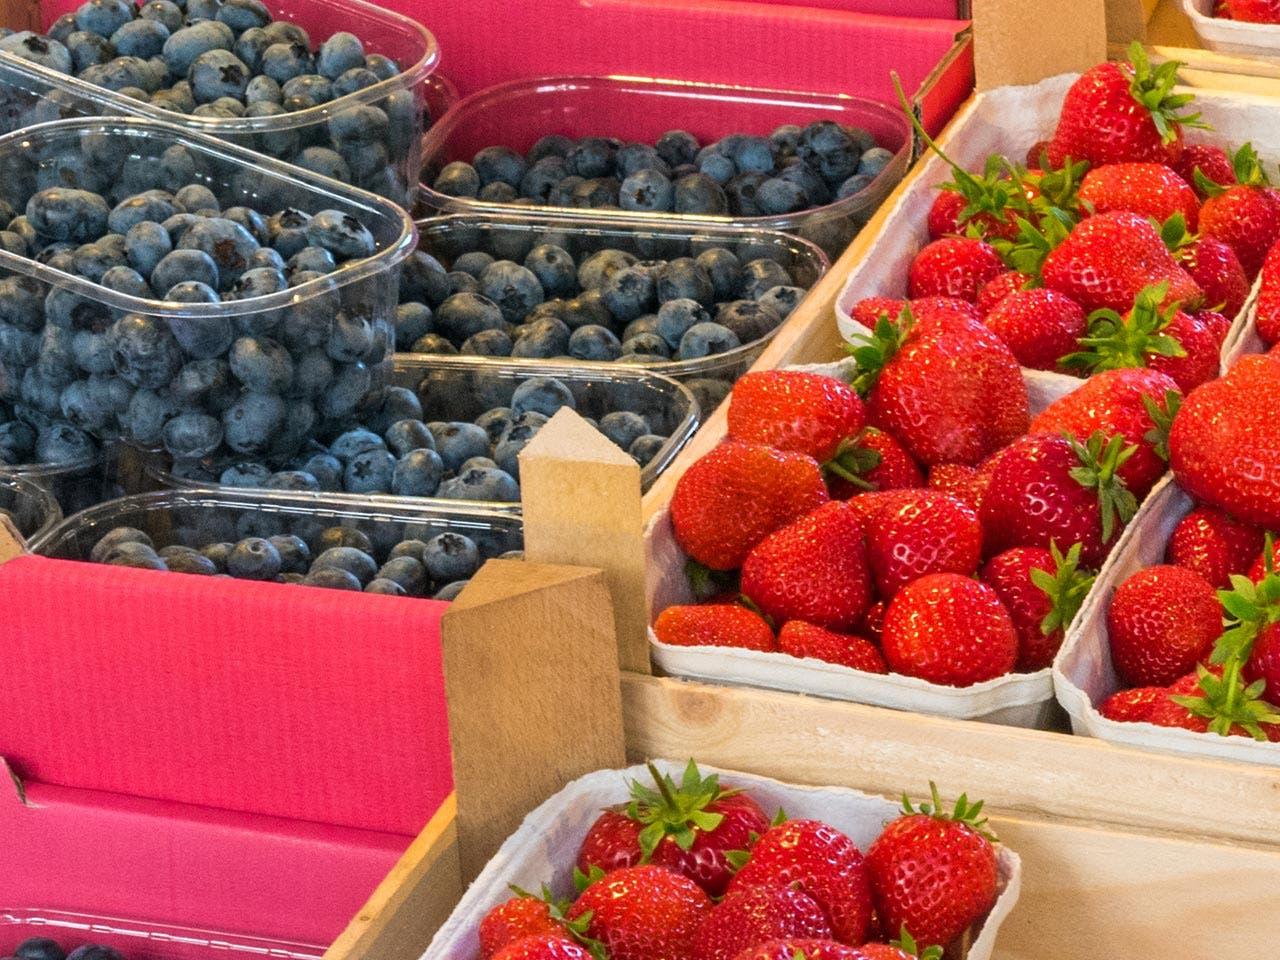 Berries | Bildagentur Zoonar GmbH/Shutterstock.com